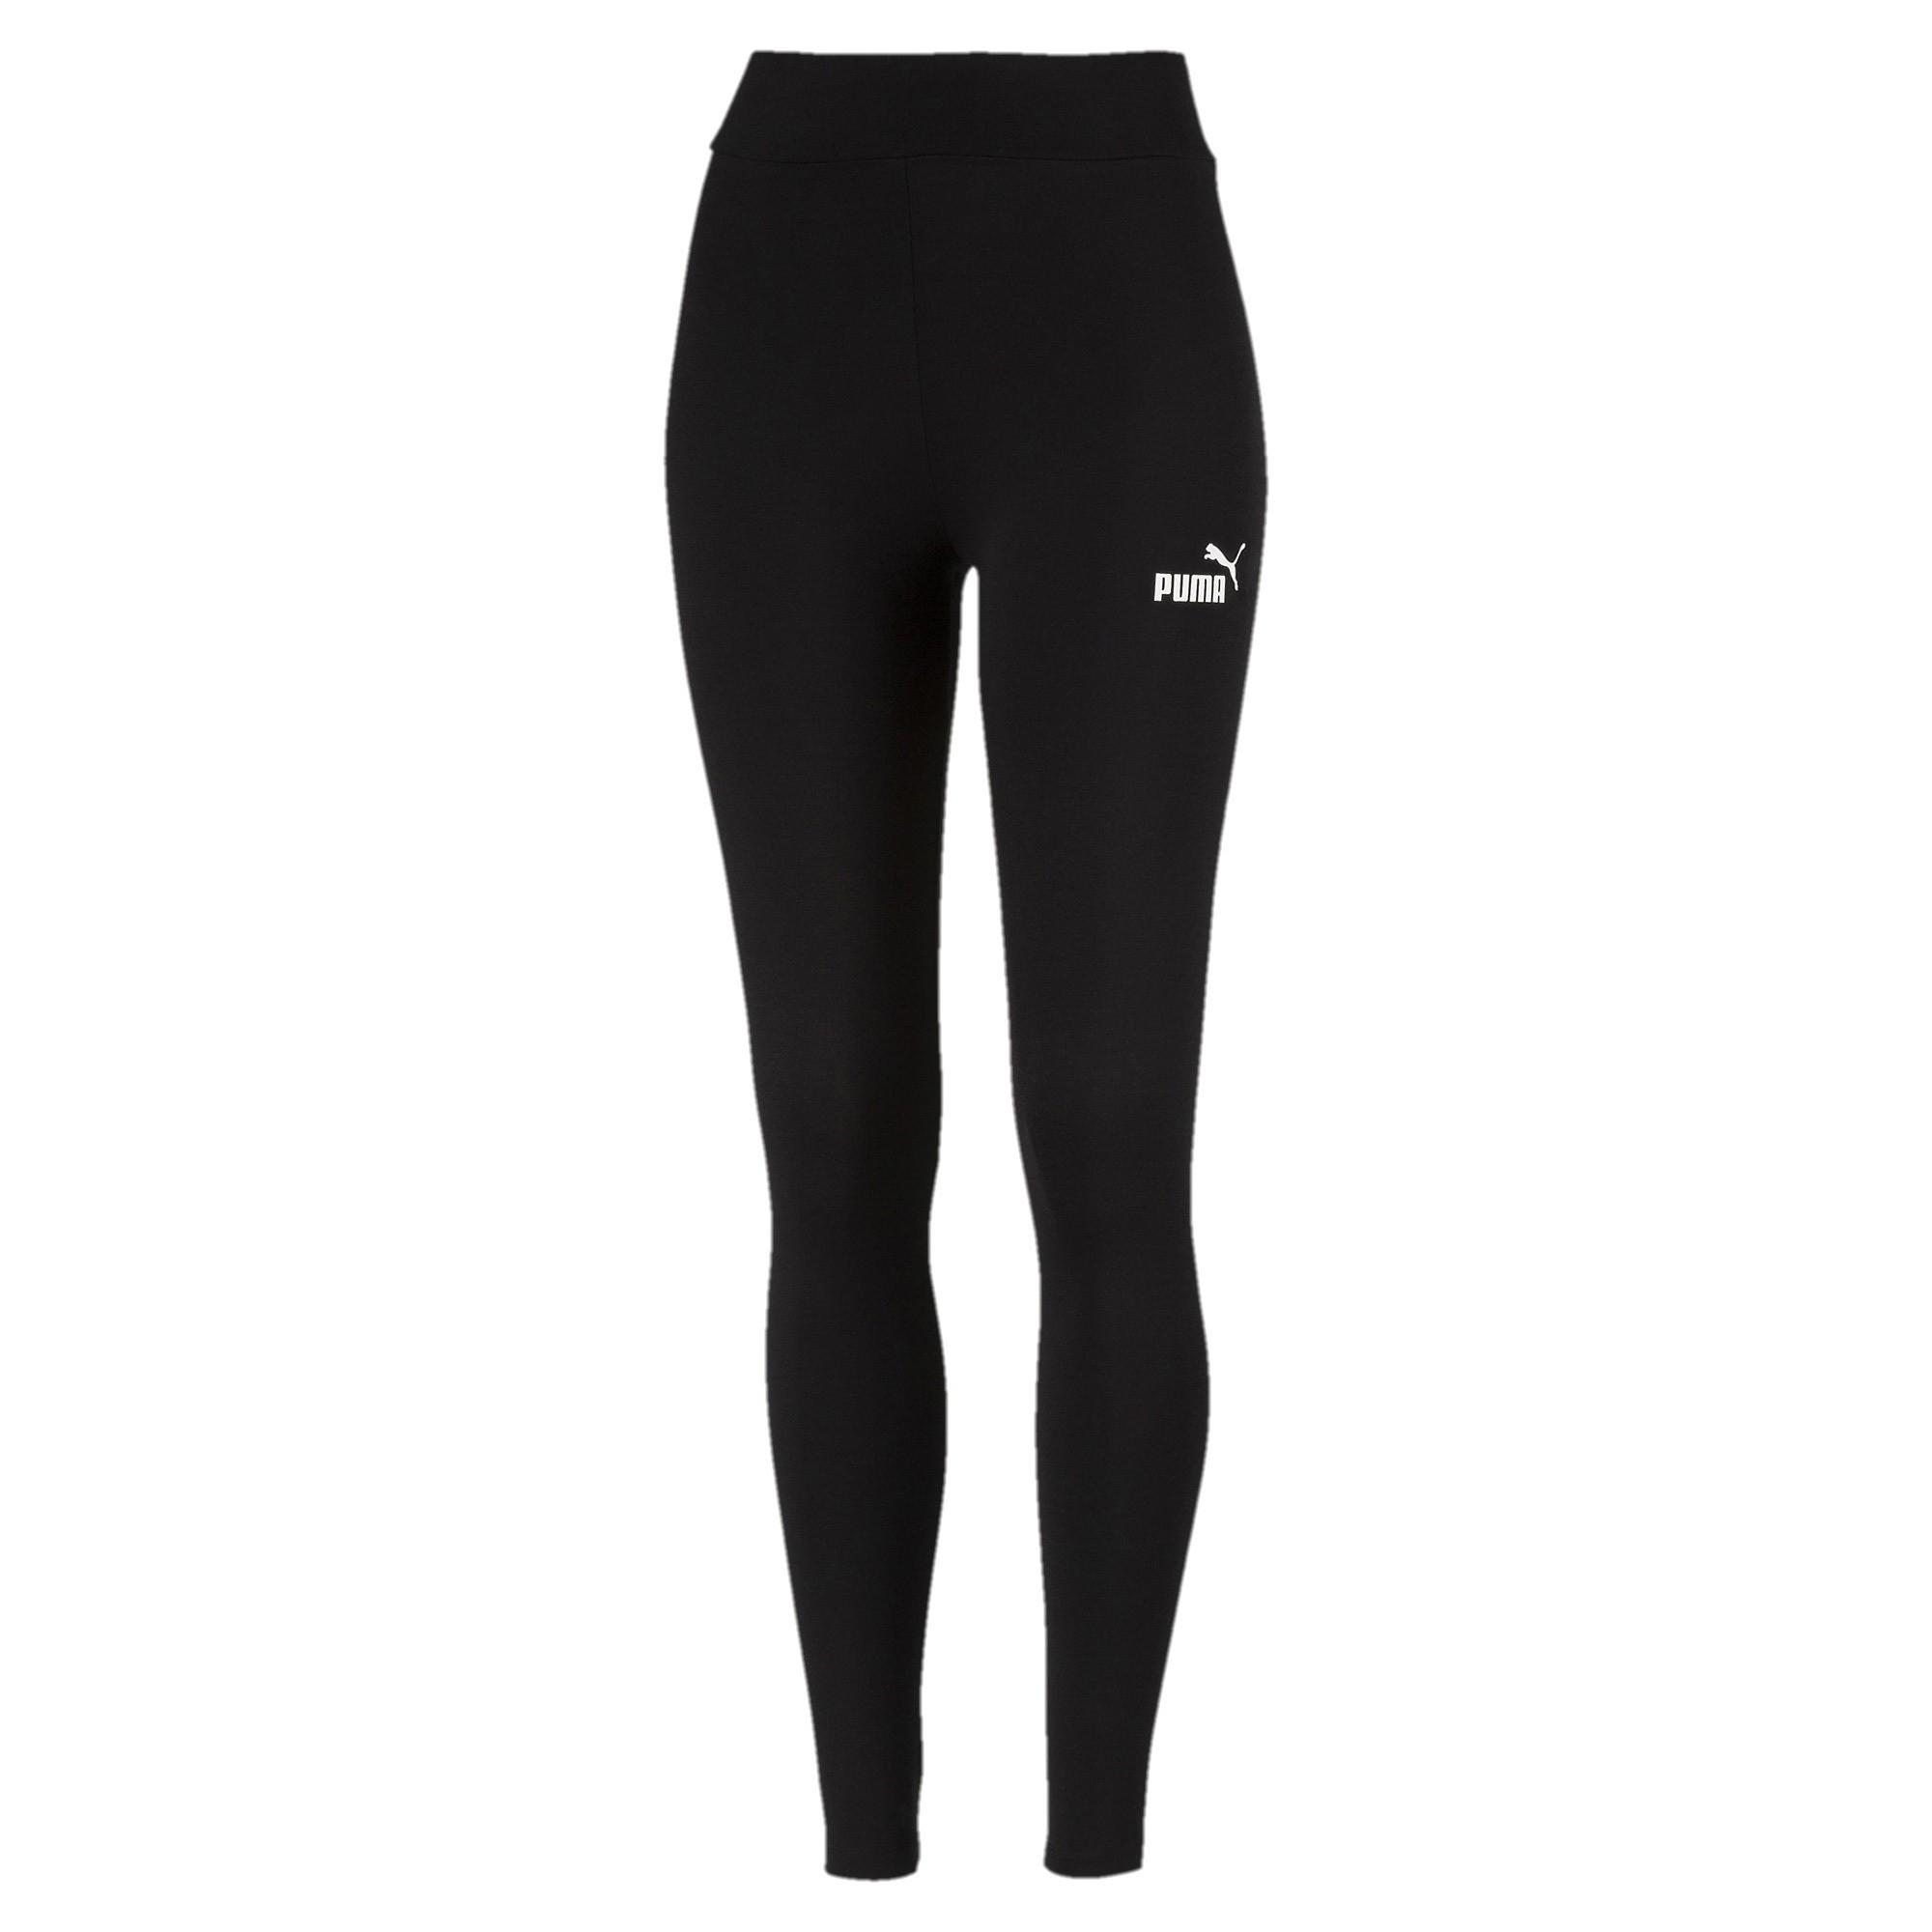 TAJICE Essentials Leggings